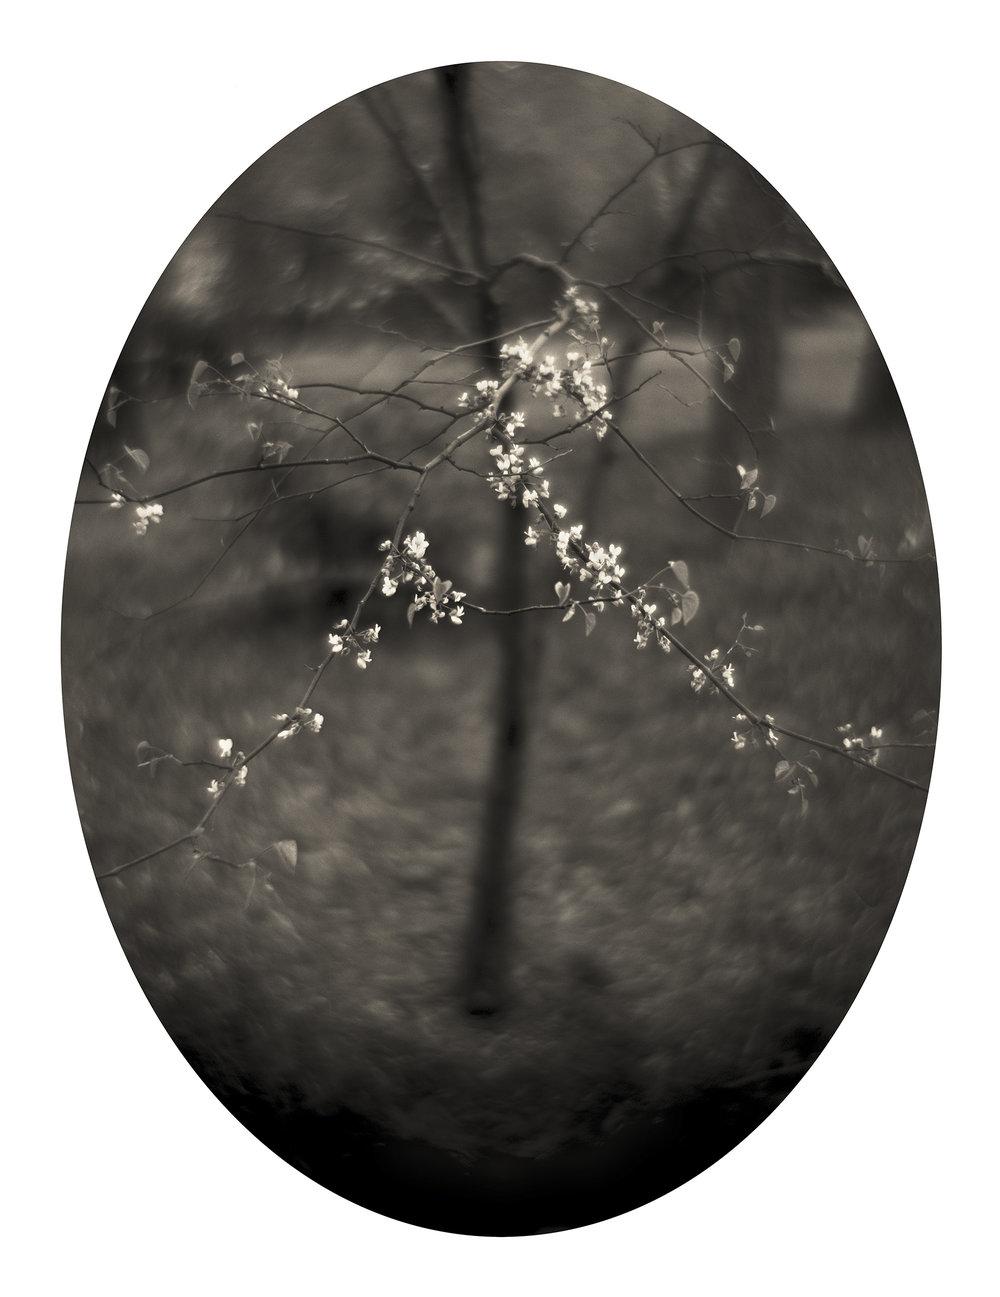 Spring, 2005